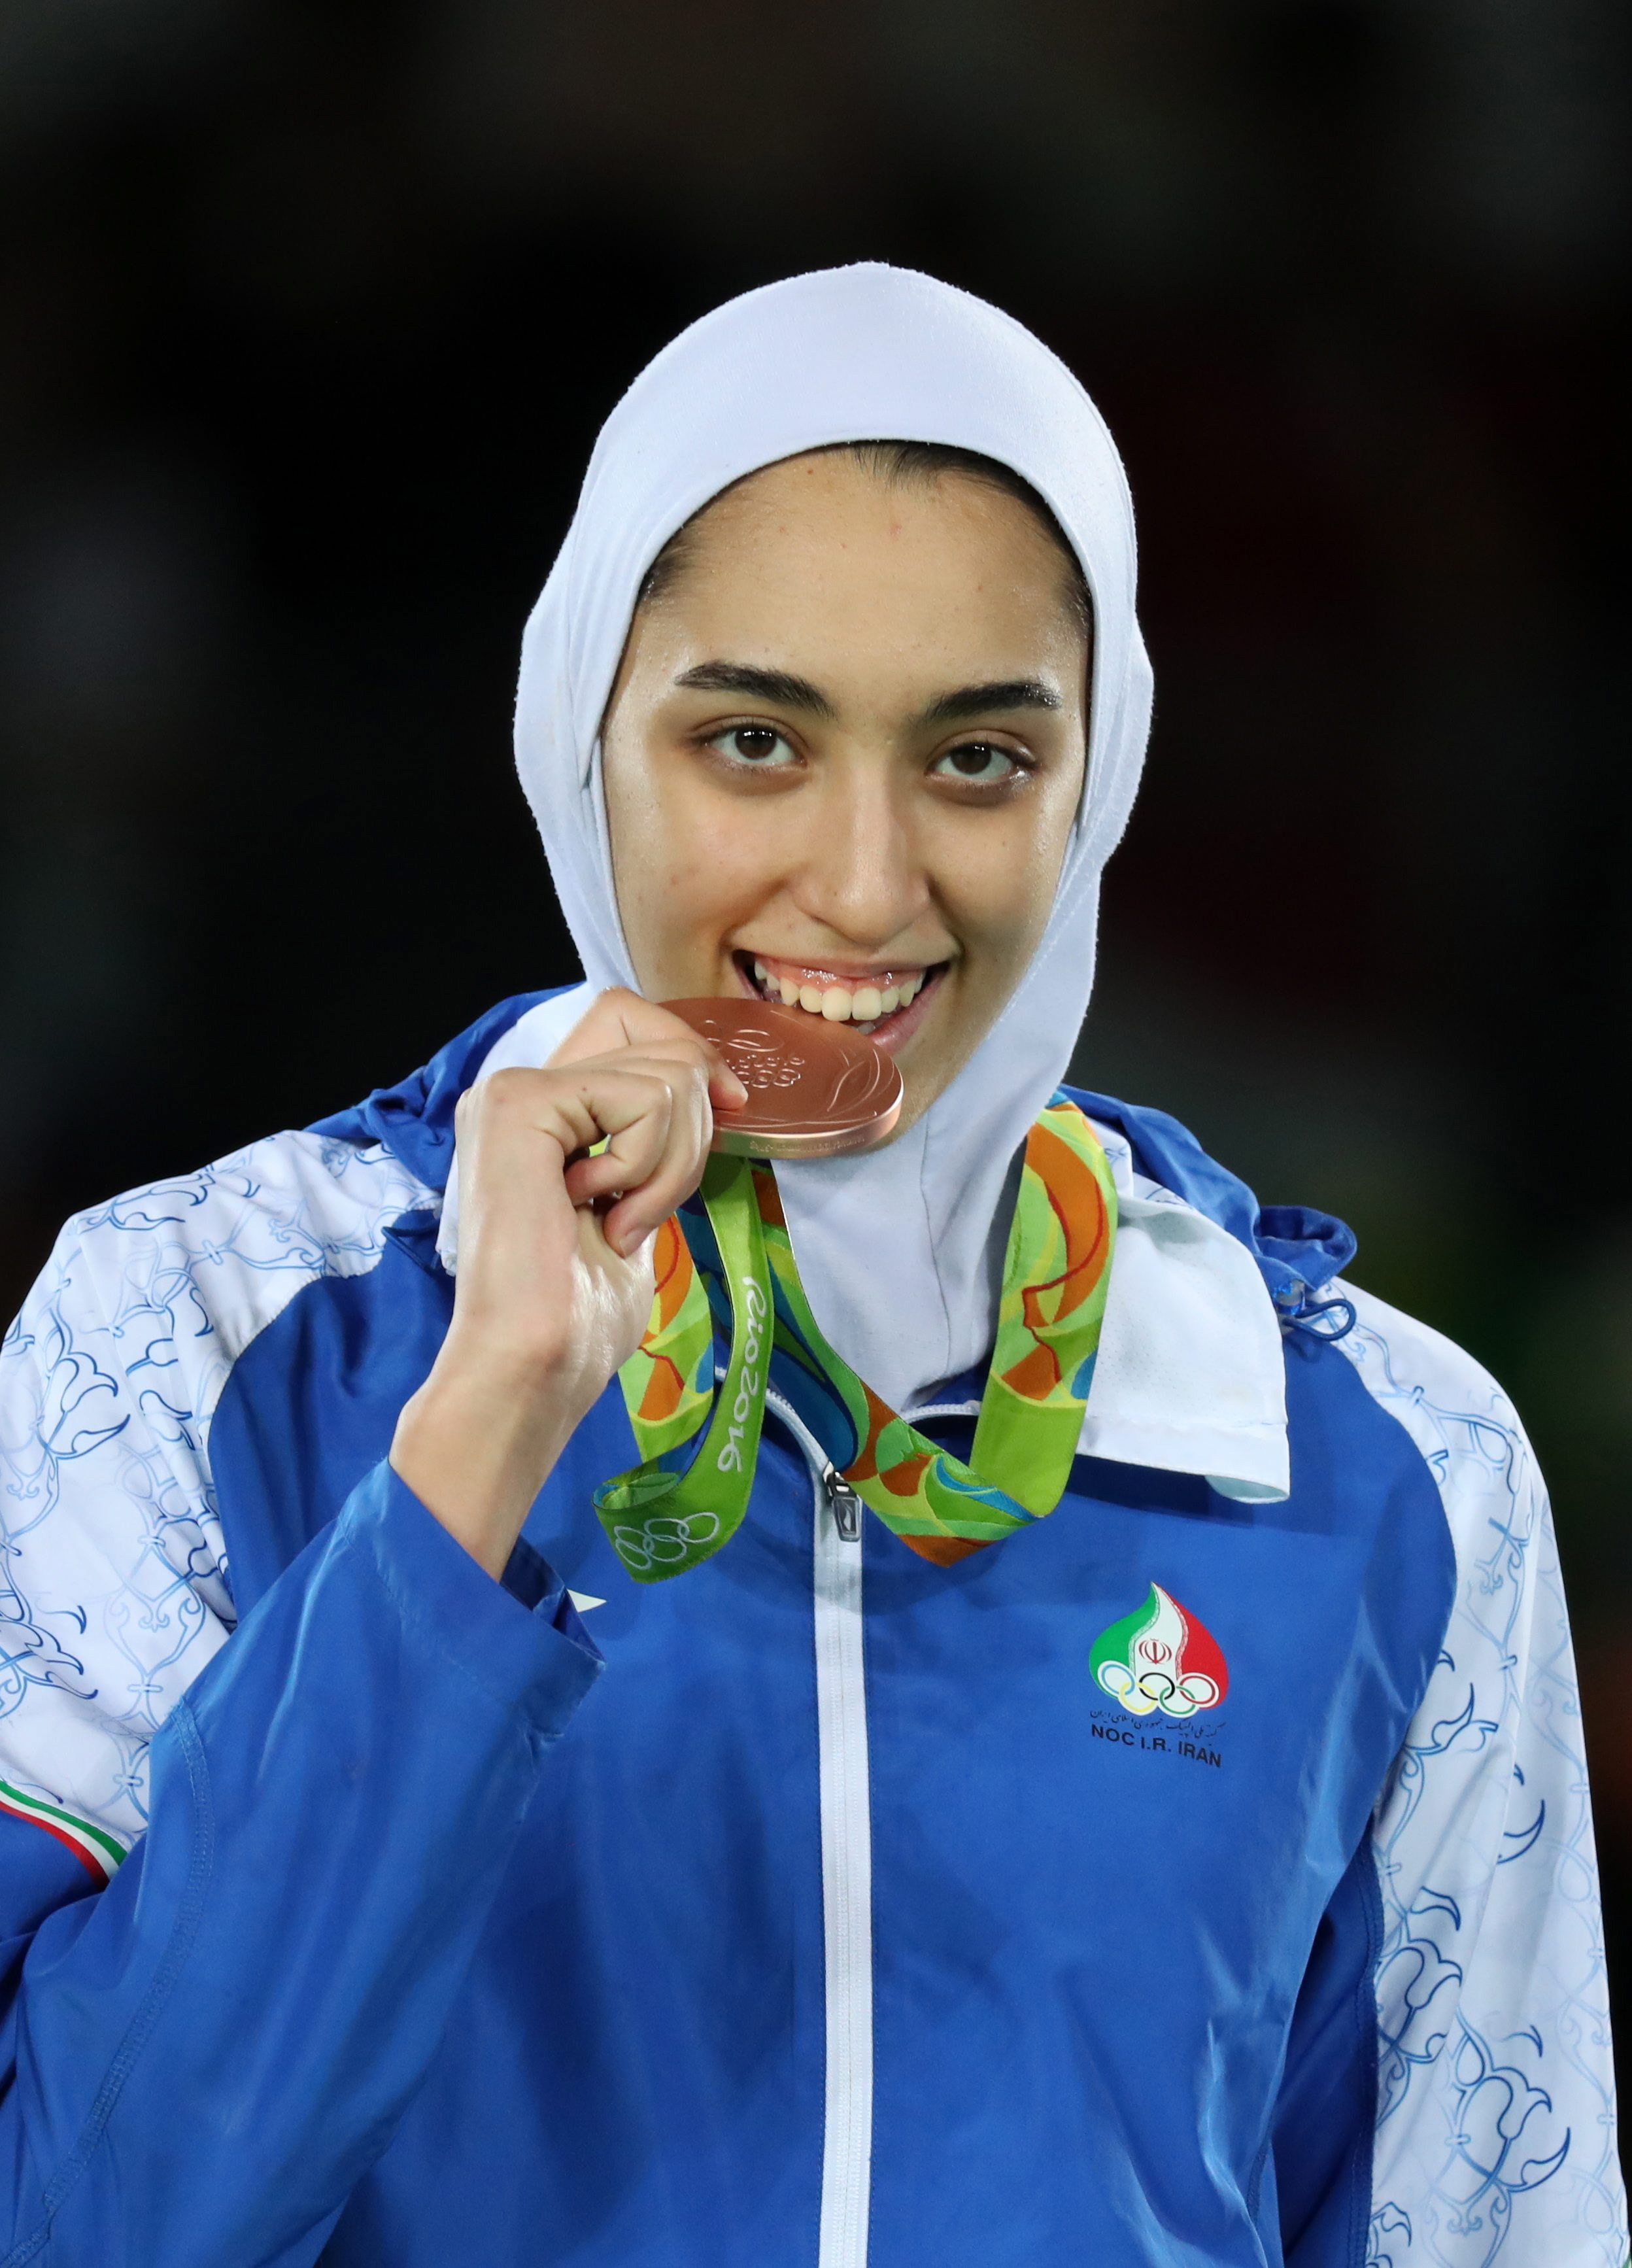 Tag des Triumphs: Am 18. August gewann Kimia Alizadeh als erste Iranerin eine Medaille bei den Olympischen Spielen in Rio de Janeiro. Hier holte die 18-Jaehrige in der Gewichtsklasse bis 57 Kilogramm Bronze im Taekwondo.